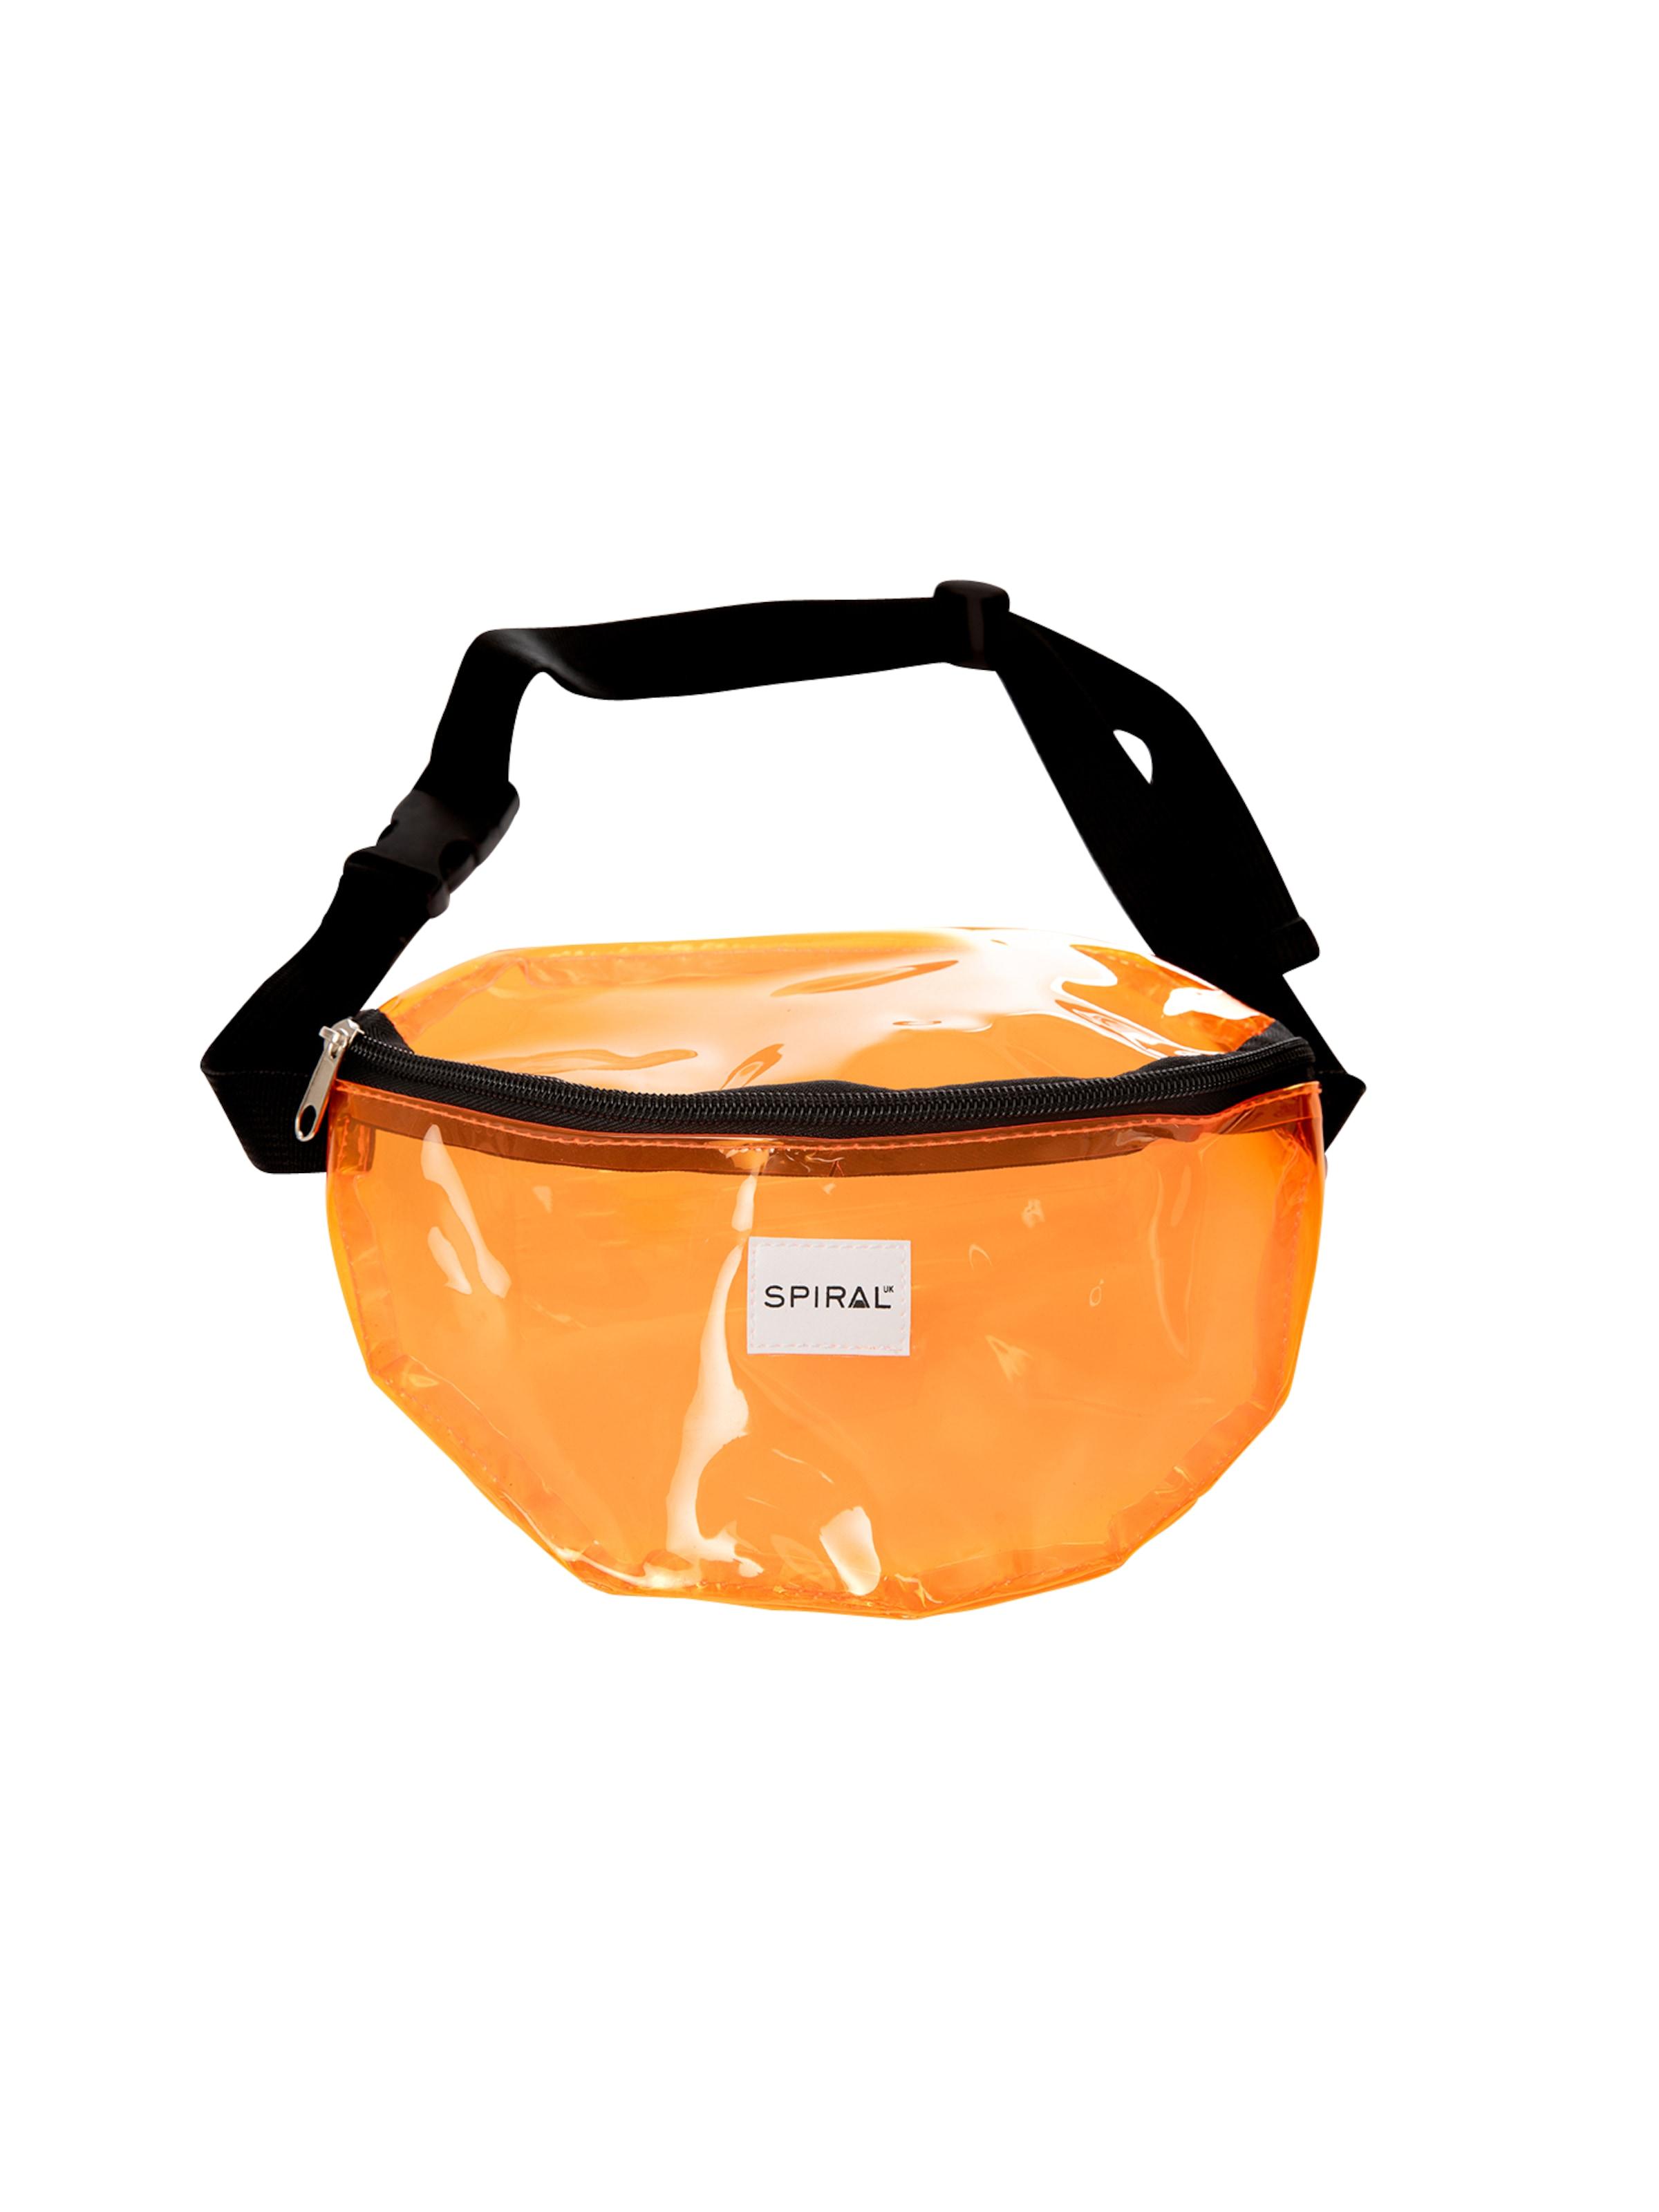 Gürteltasche Bag Spiral 12' In Orange 'bum ZwPXuOkTi